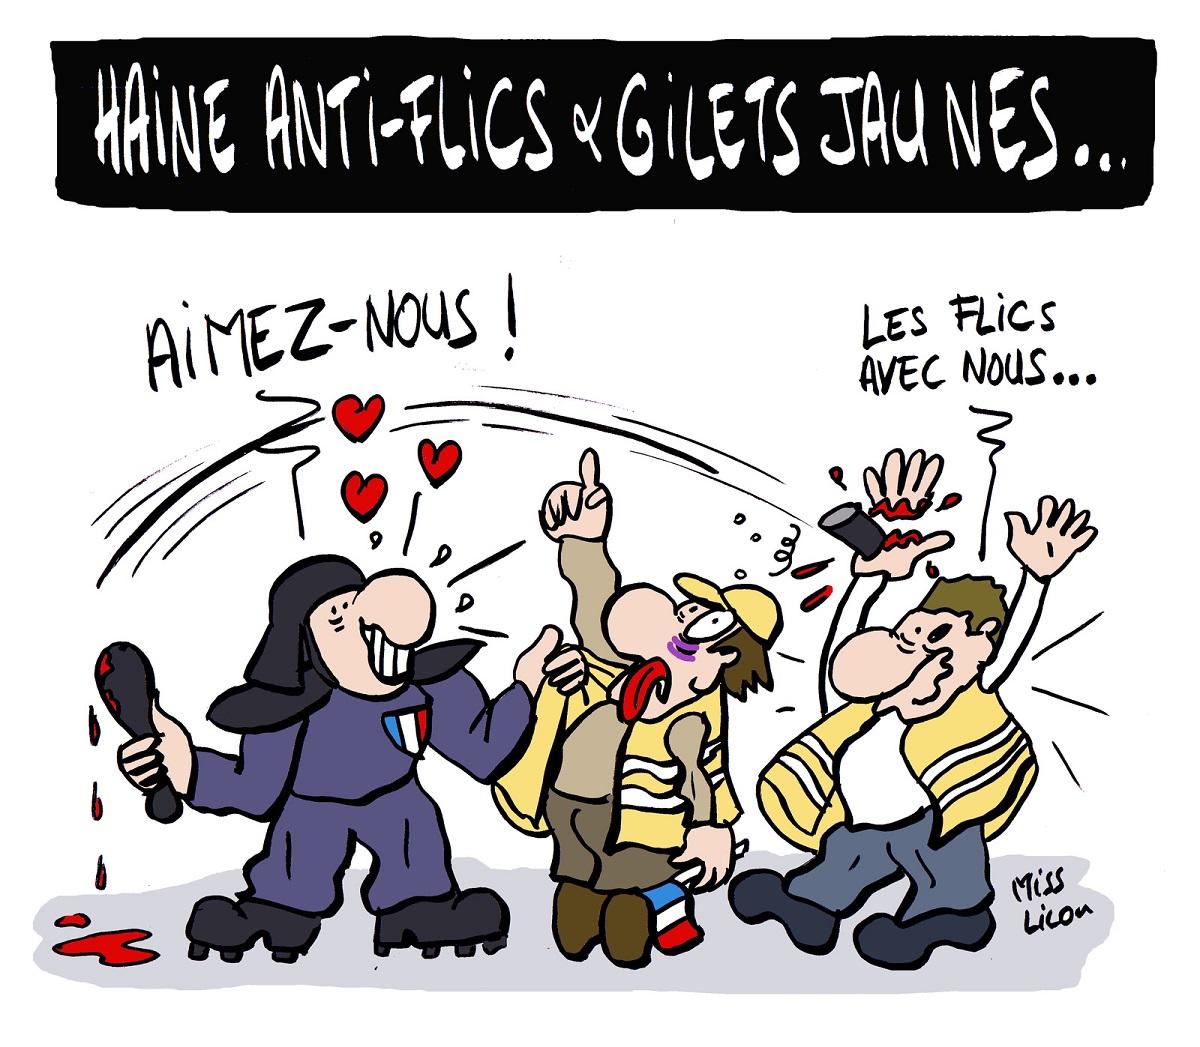 dessin d'actualité humoristique sur les gilets jaunes et la haine anti-flics